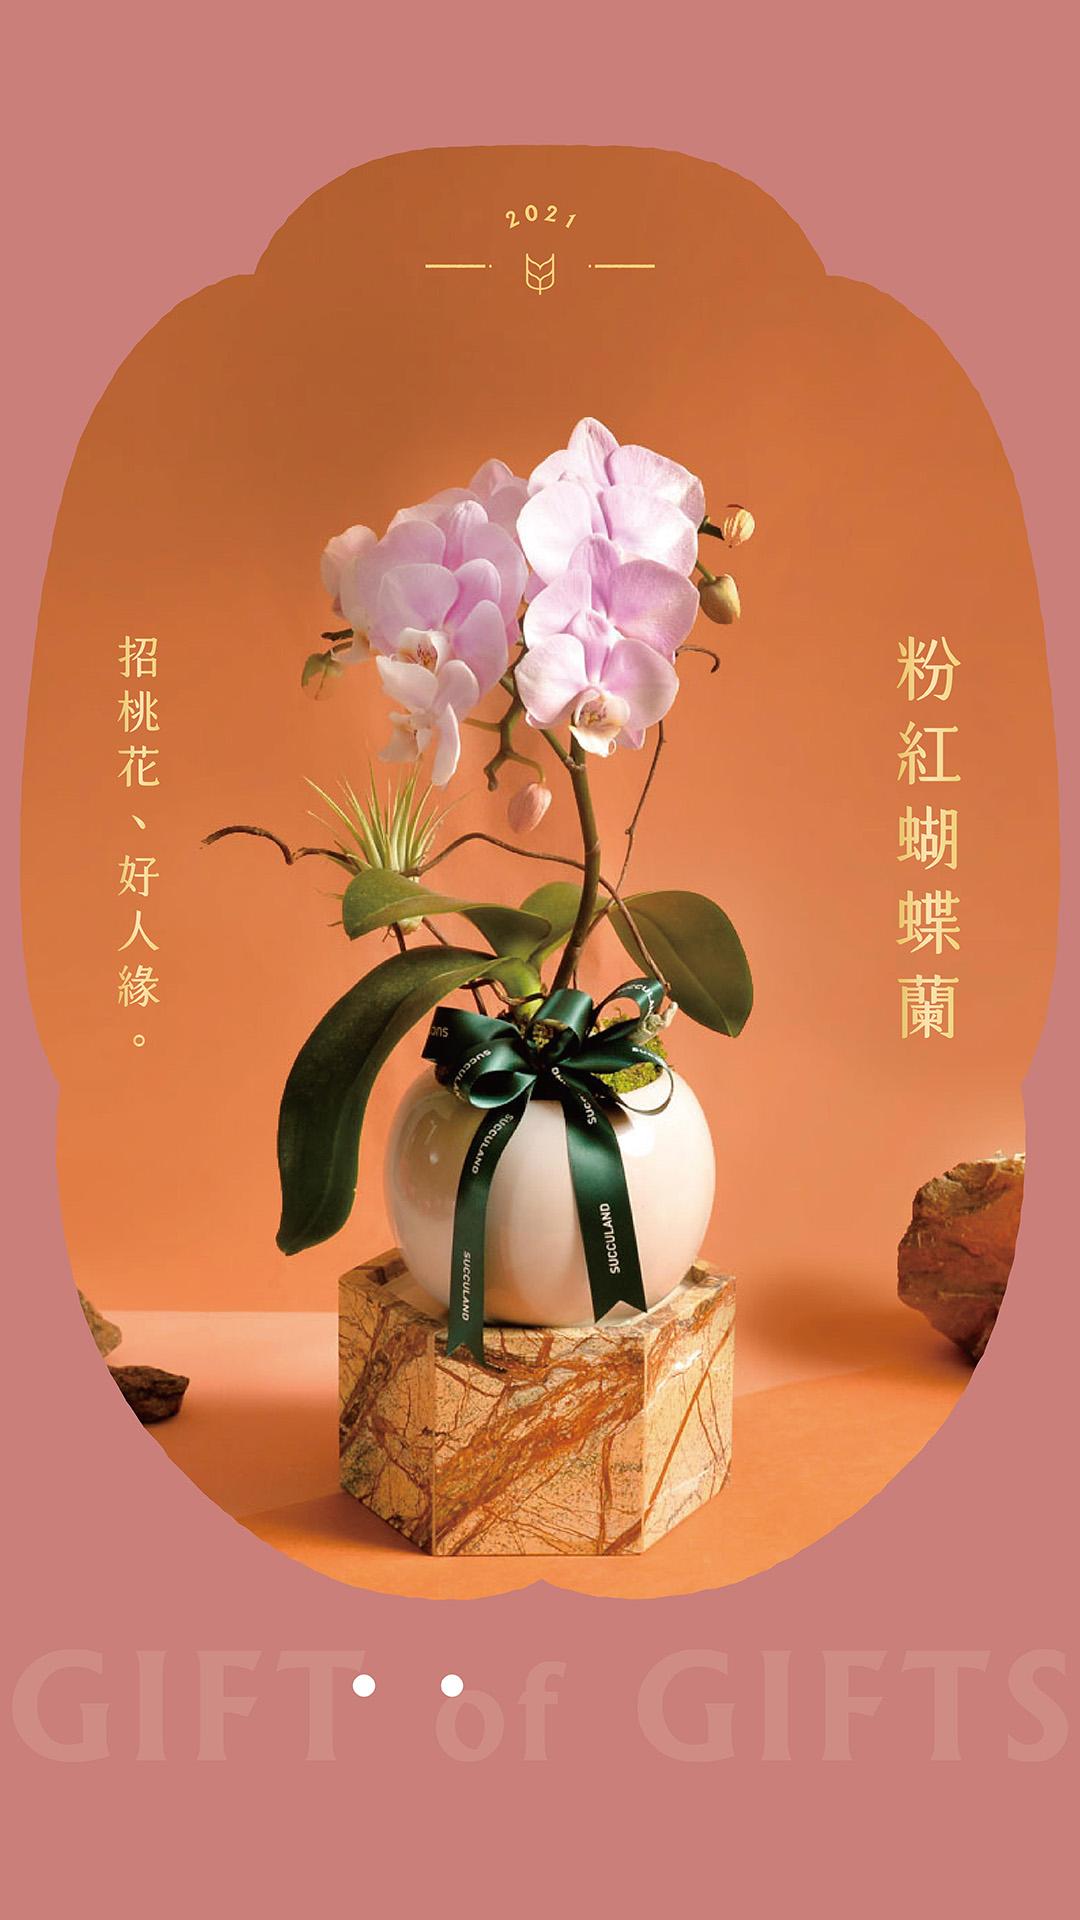 粉紅蝴蝶蘭